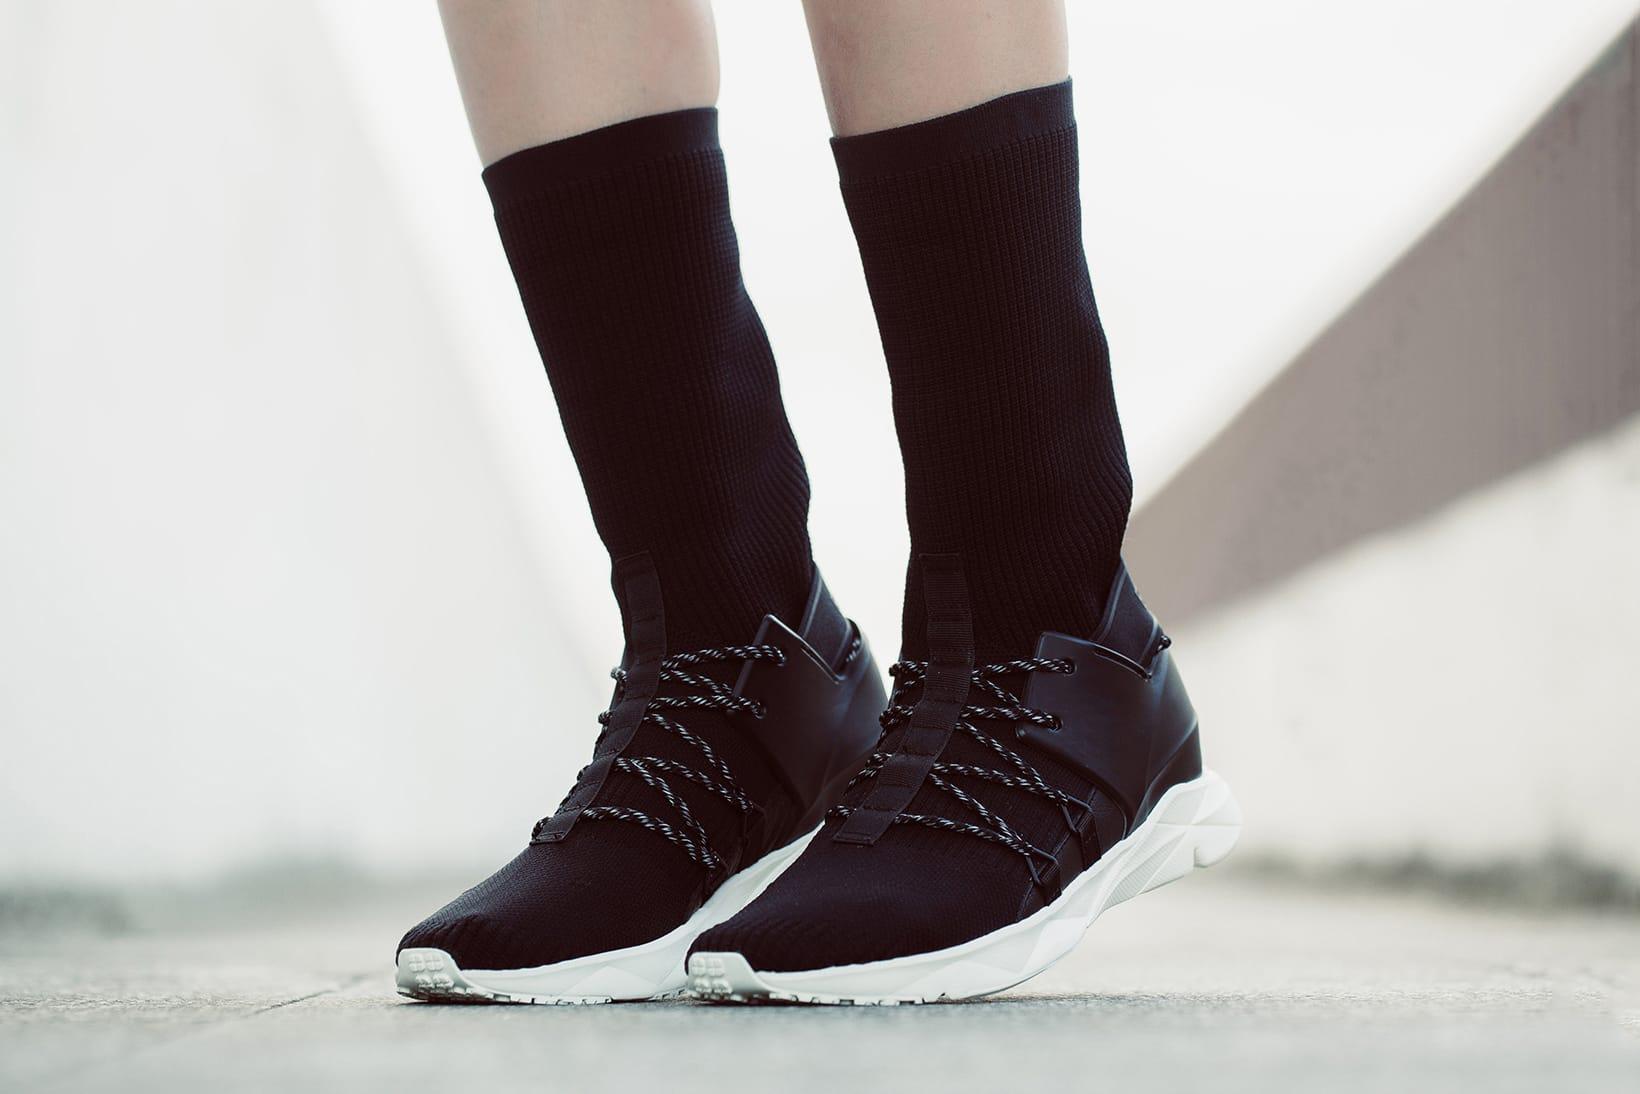 Reebok Releases Sock Runner Caged